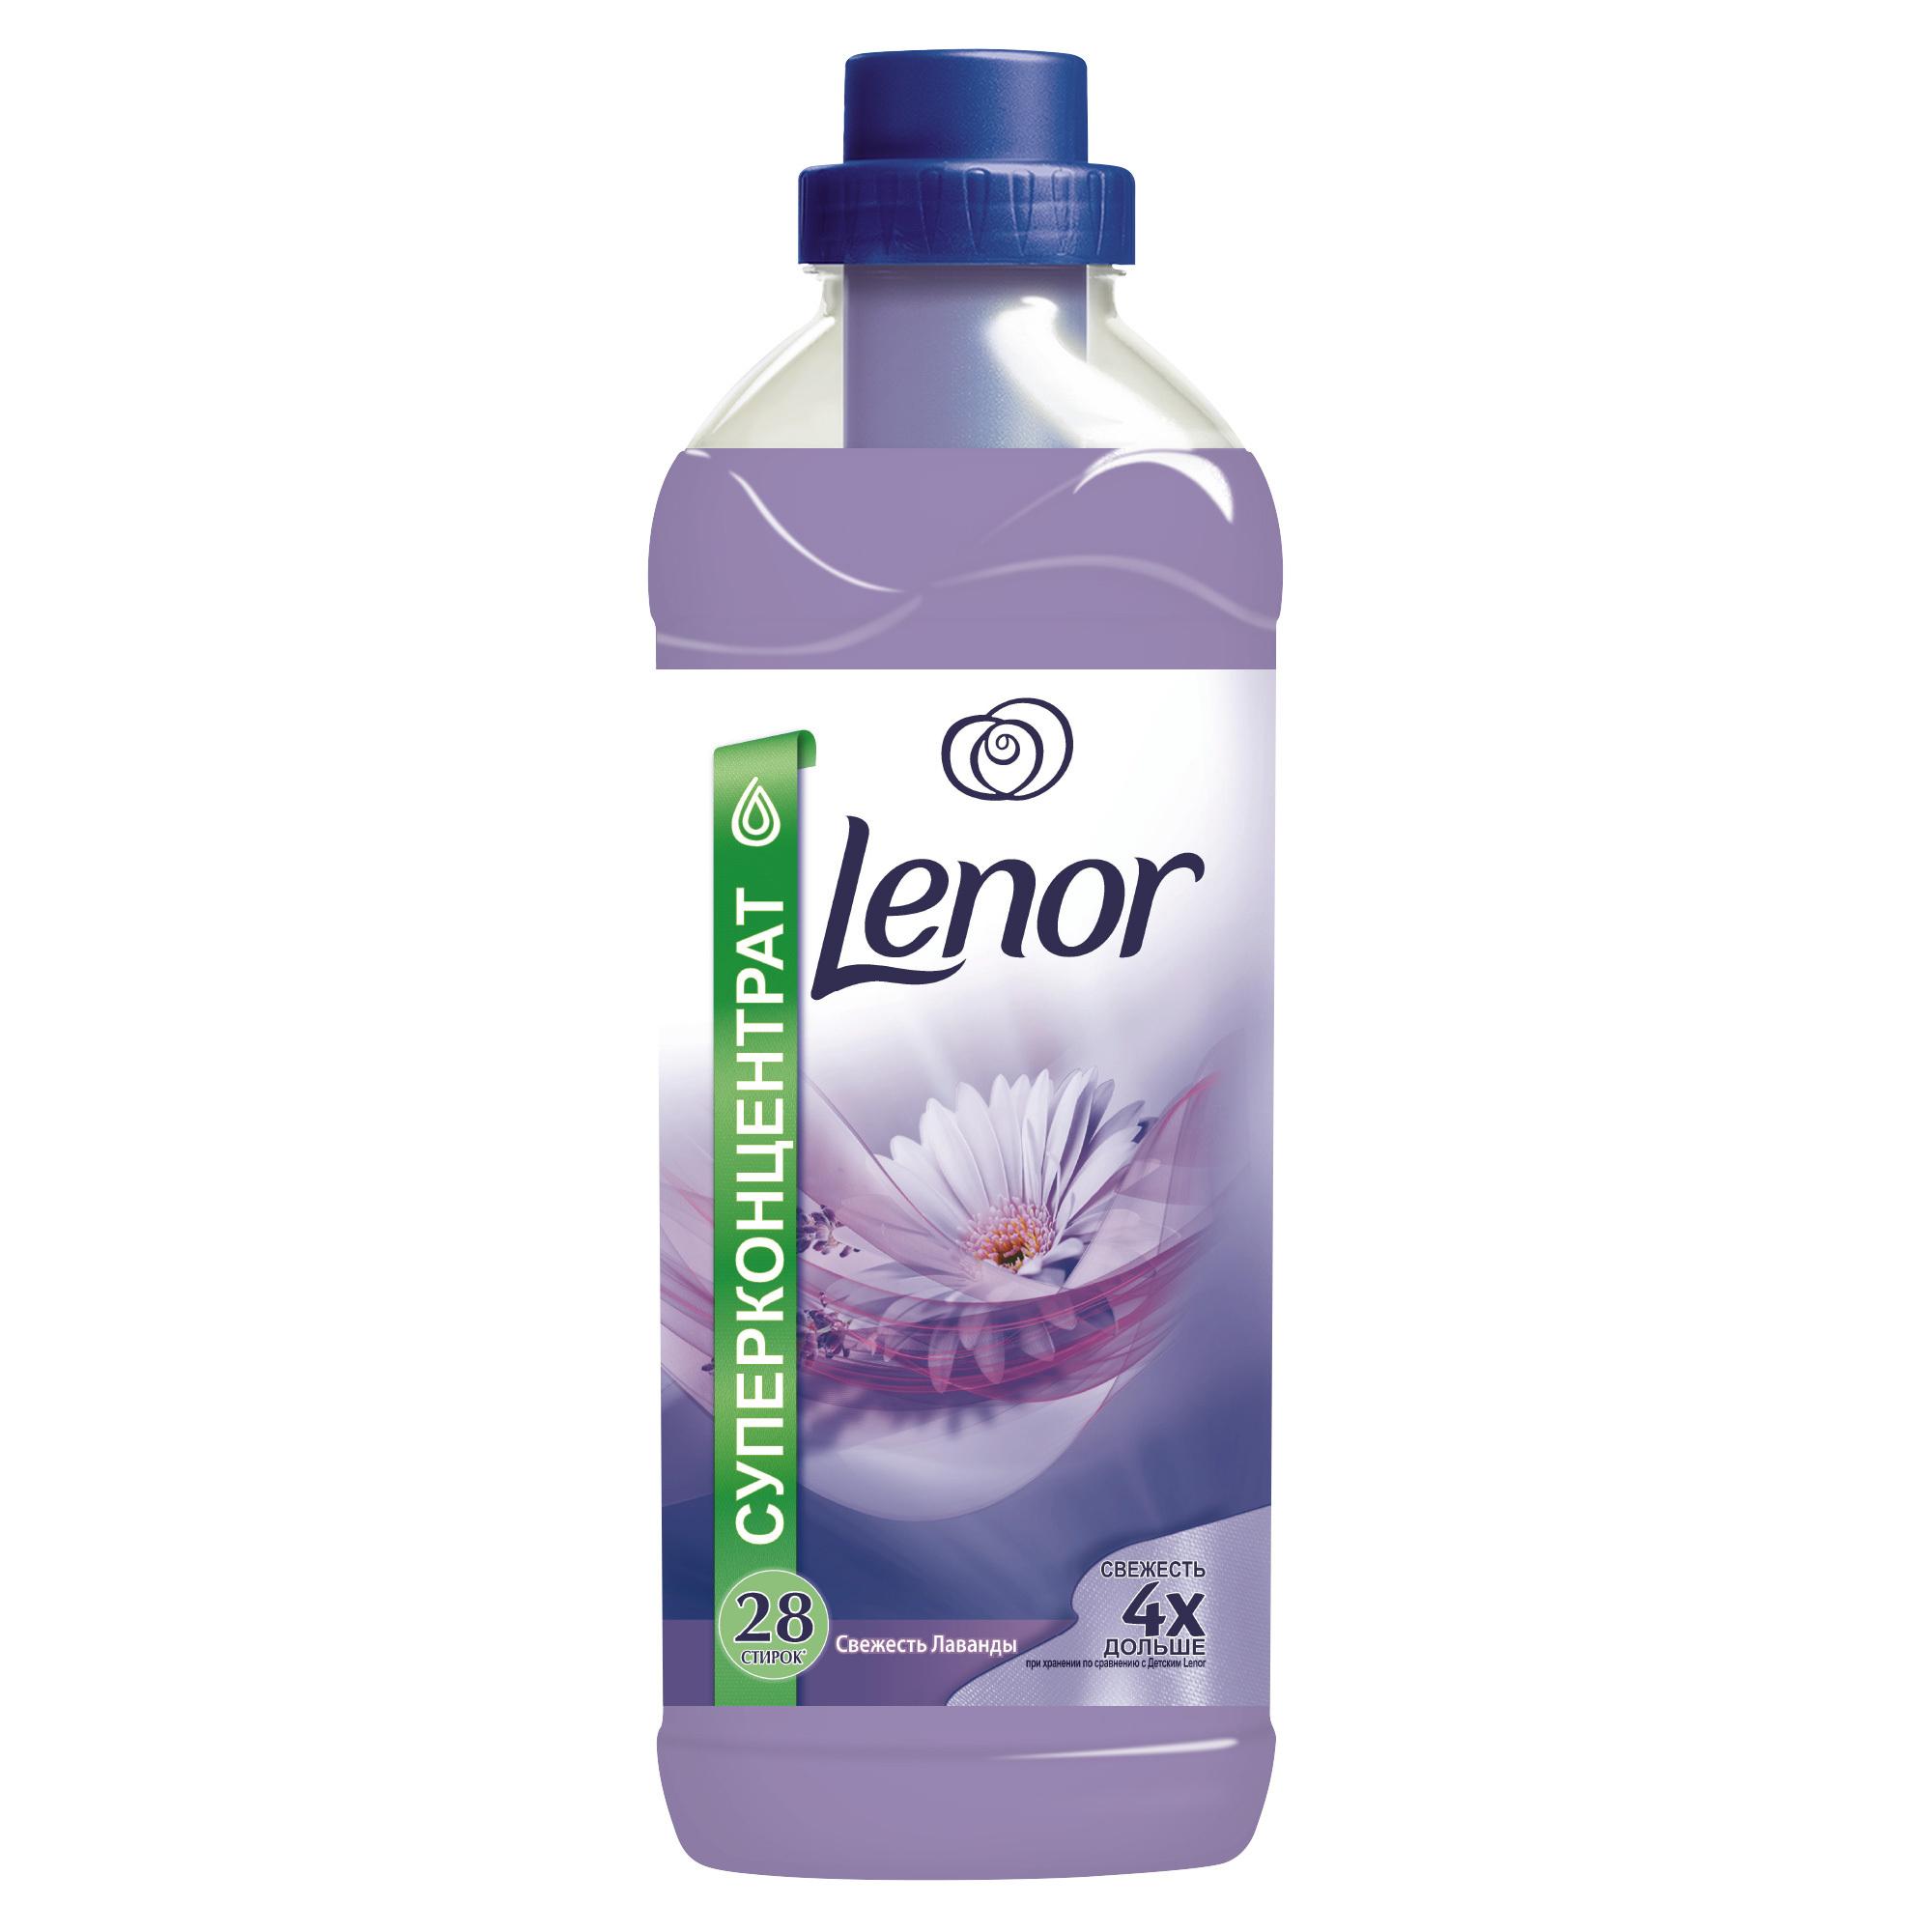 Кондиционер для белья Lenor 1 л Свежесть Лаванды 1л (28стирок)<br>